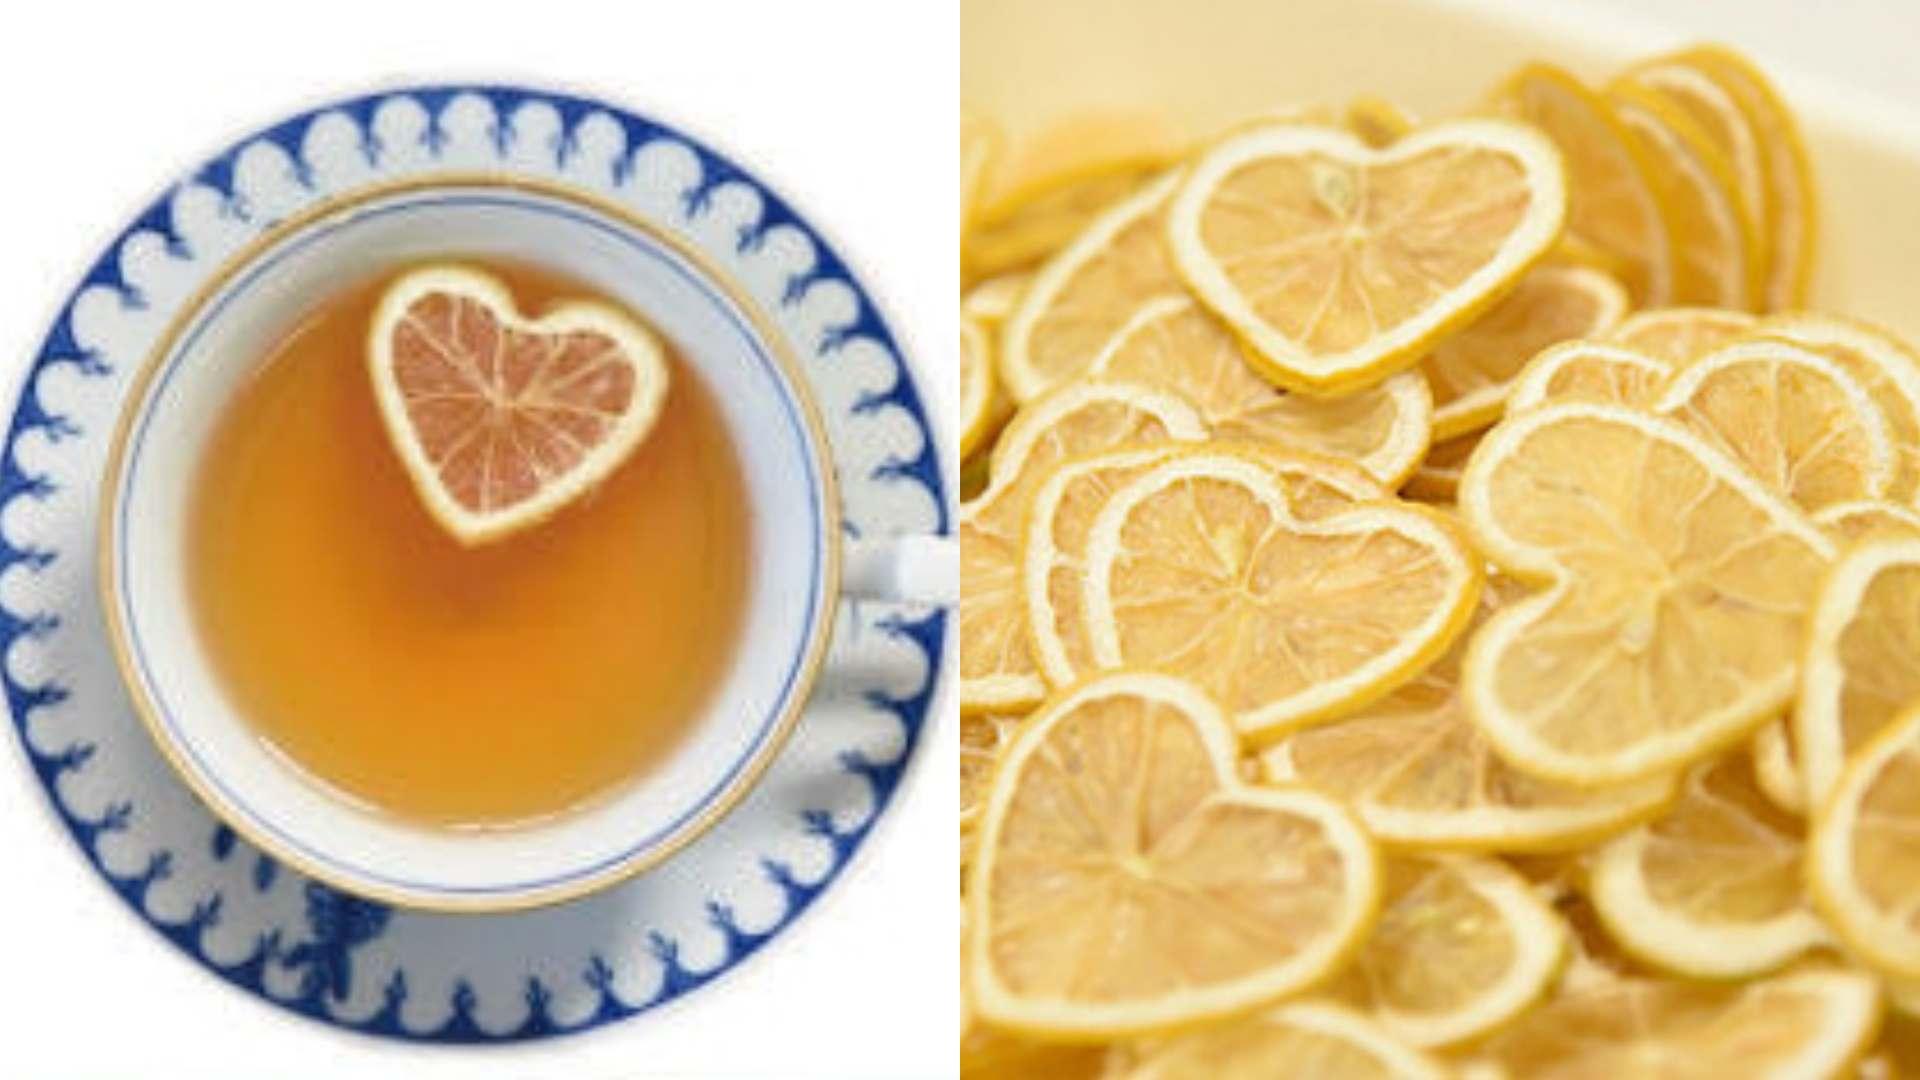 主打超療癒可愛的心型乾燥檸檬片漂浮在紅茶上,茶剛端上桌就會引起驚呼與讚嘆。這樣兼具視覺與味覺的茶飲,絕對是家中待客必備或送禮的好選擇啊!